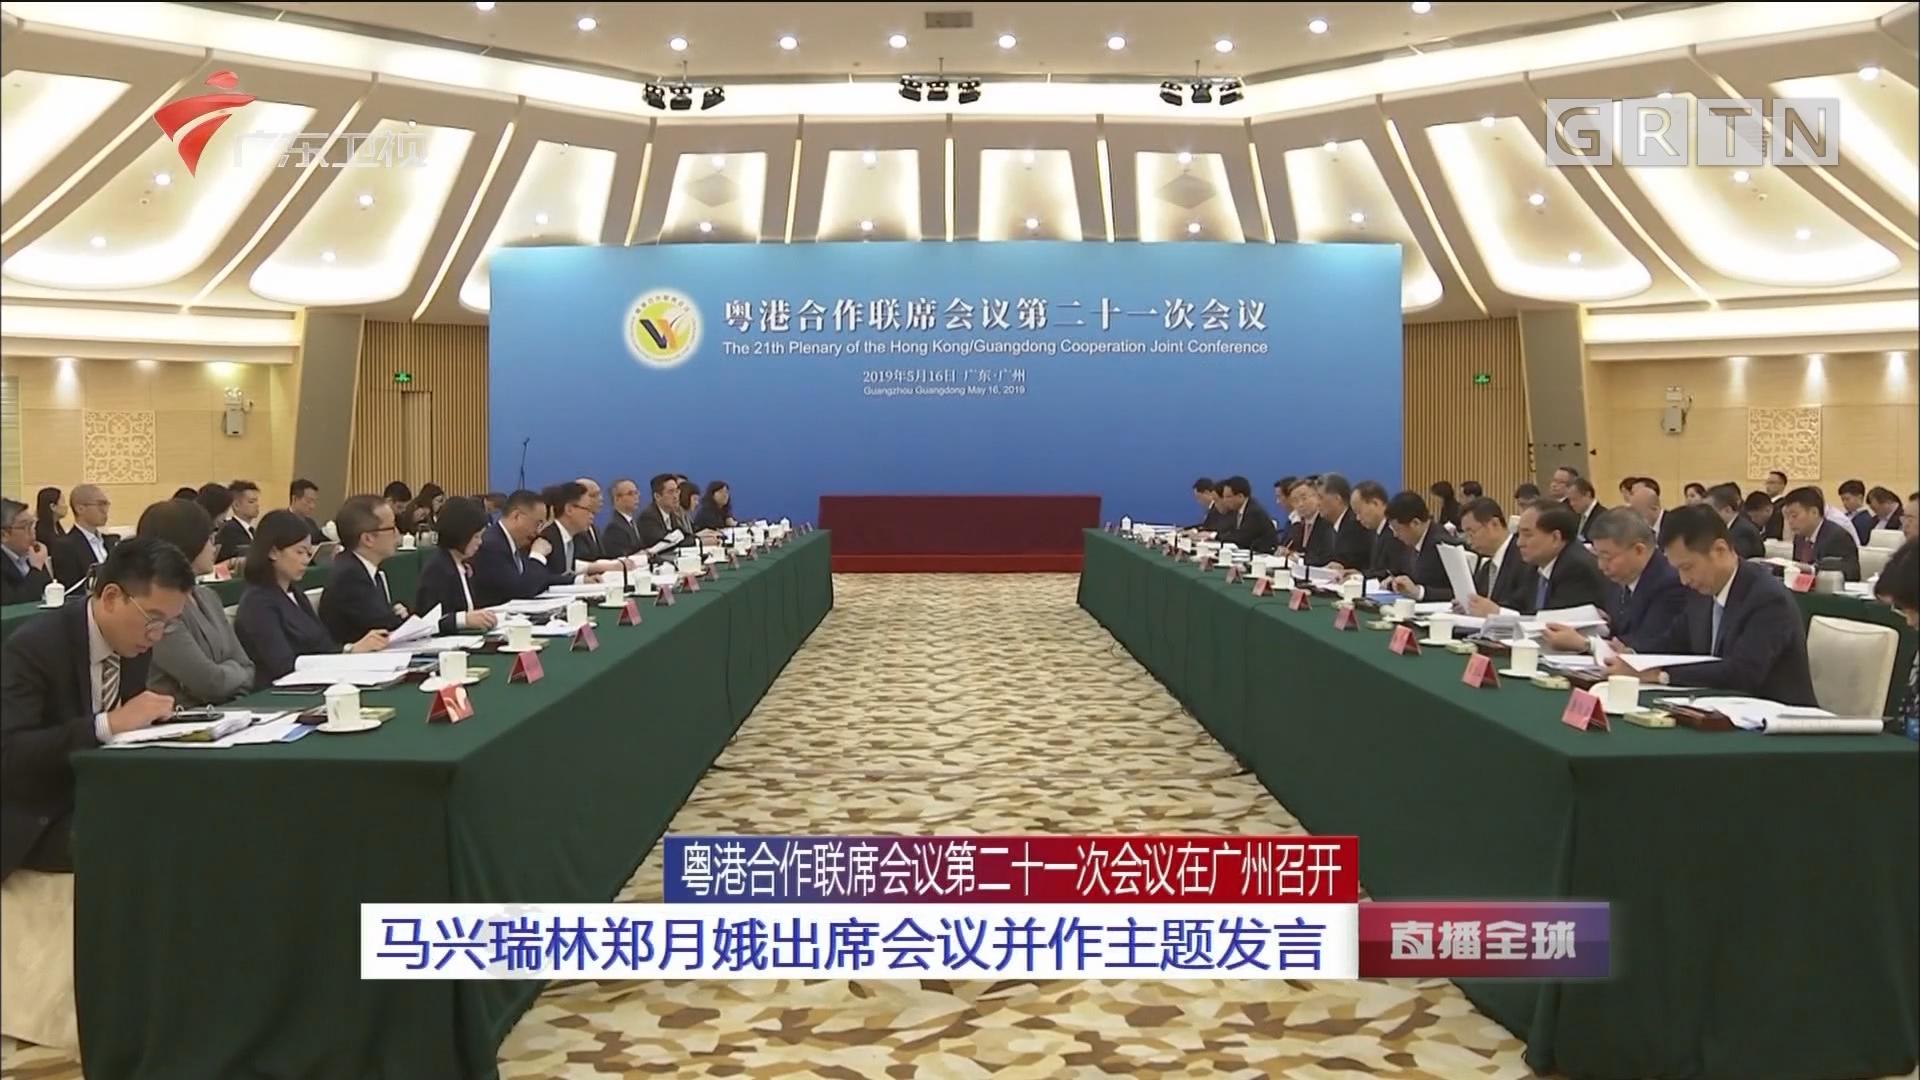 粤港合作联席会议第二十一次会议在广州召开:马兴瑞林郑月娥出席会议并作主题发言